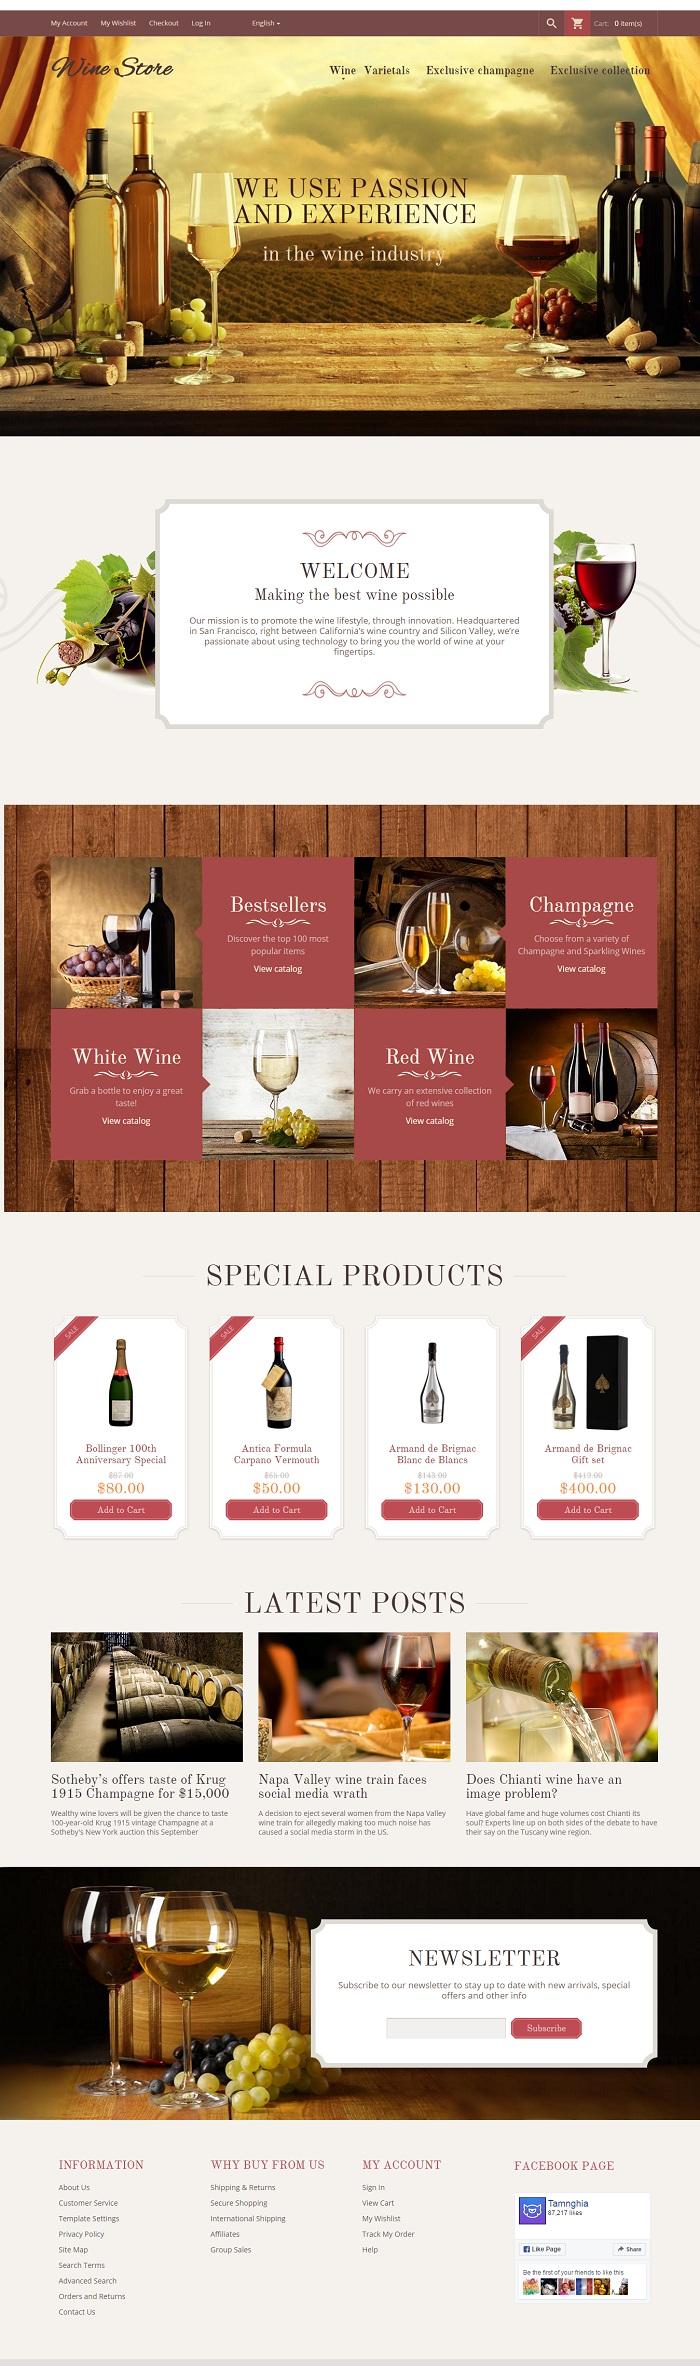 Website Rượu vang thượng hạng